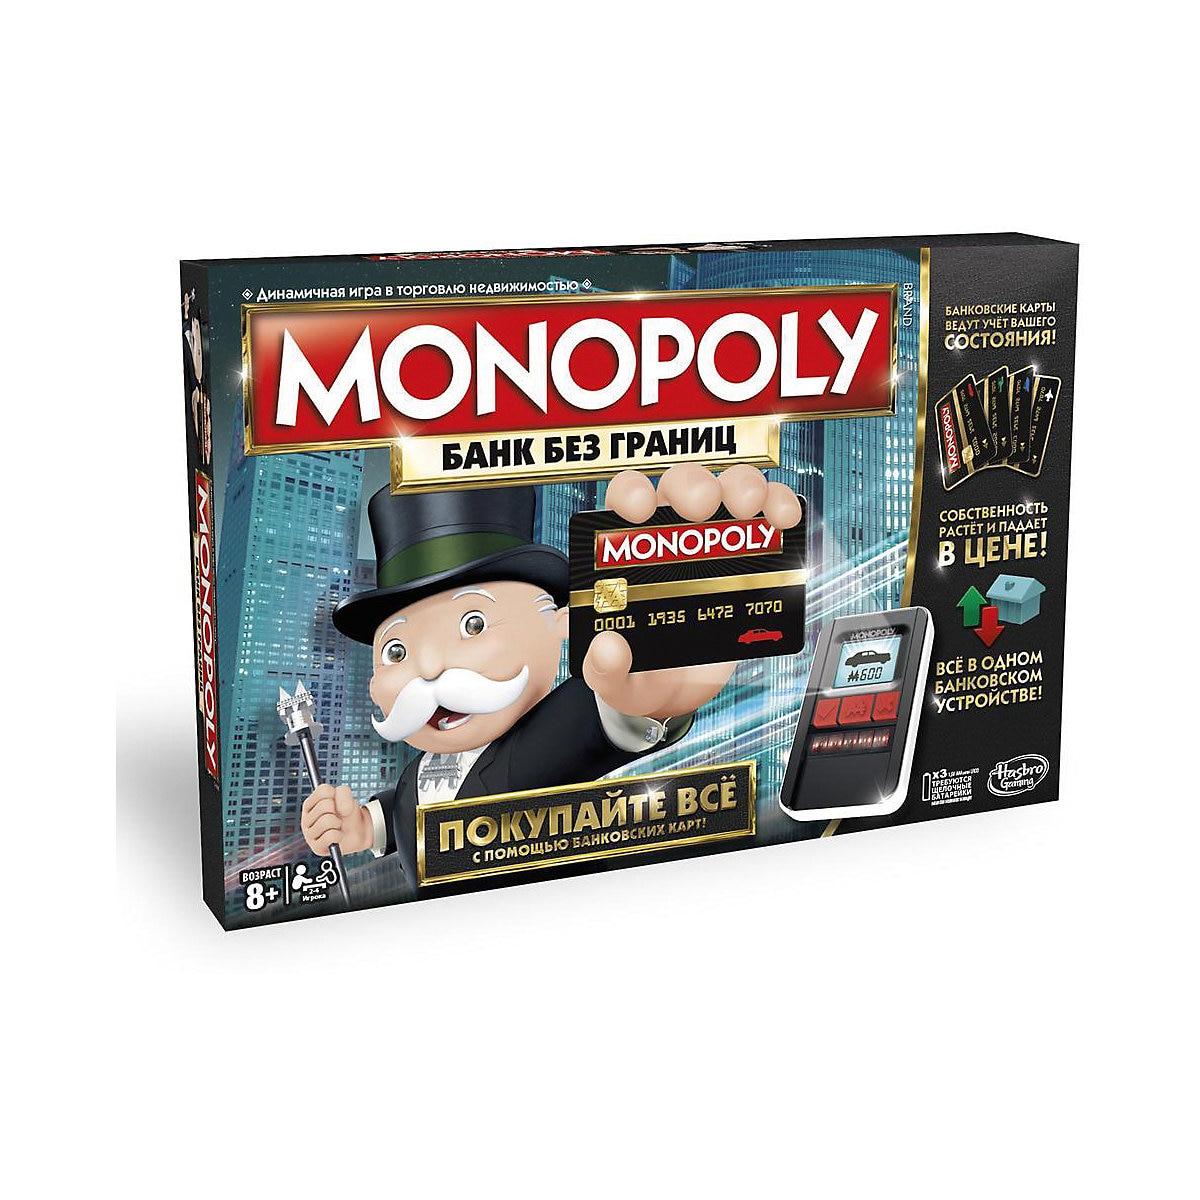 HASBRO jeux de fête de jeu 4984149 jeu de société motricité fine pour l'entreprise développement jeu fille garçon amis